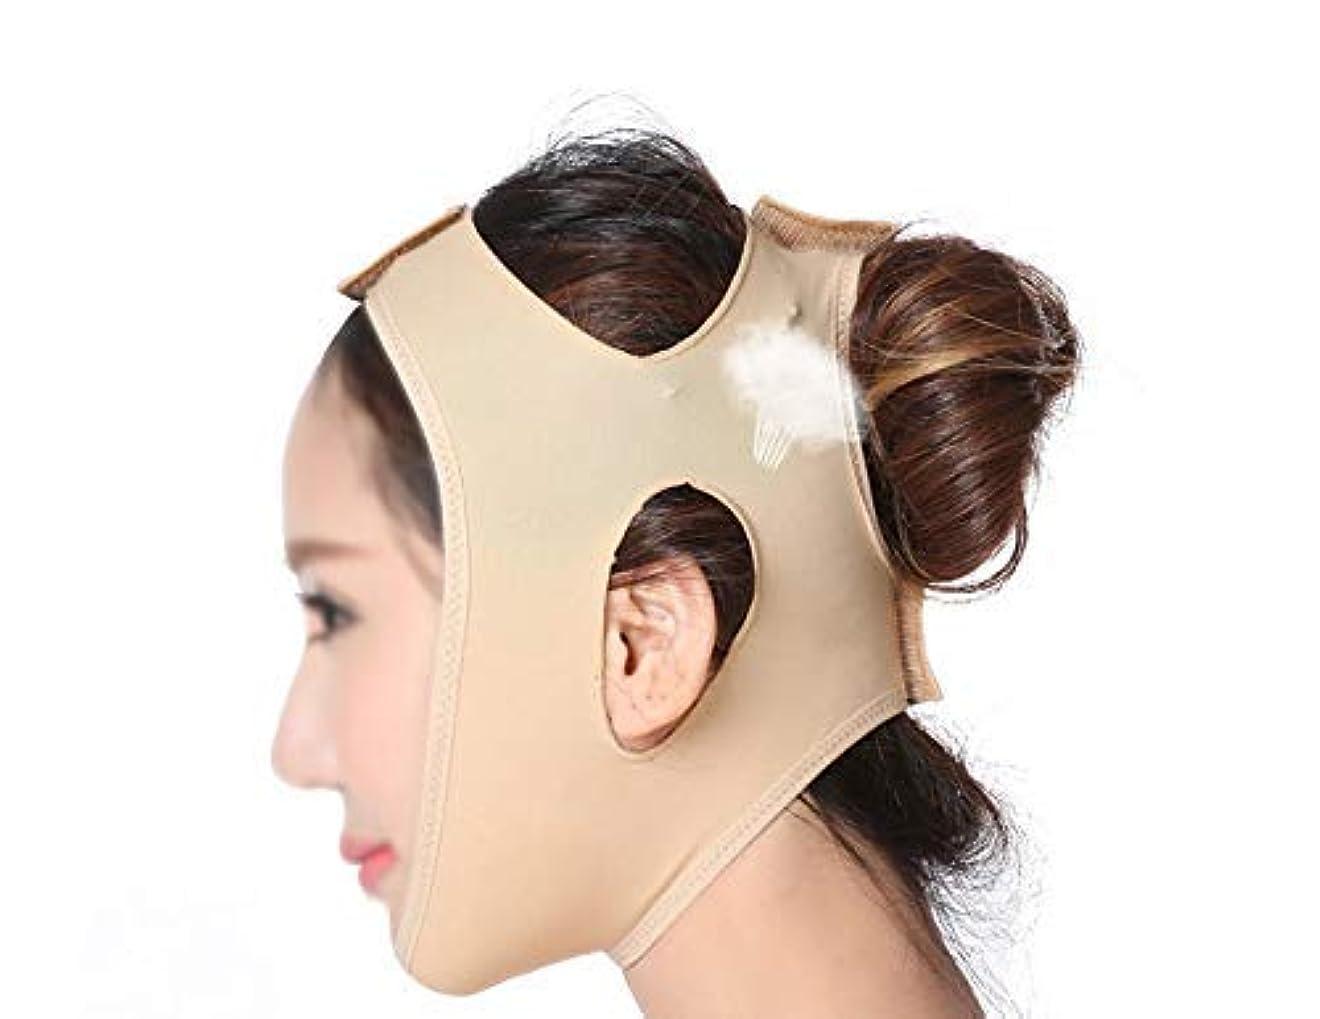 競争プレビュー汚染された引き締めフェイスマスク、フェイシャルマスク睡眠薄型フェイス包帯薄型フェイスマスクフェイスリフティングフェイスメロンフェイスVフェイスリフティング引き締めダブルチン美容ツール(サイズ:L)